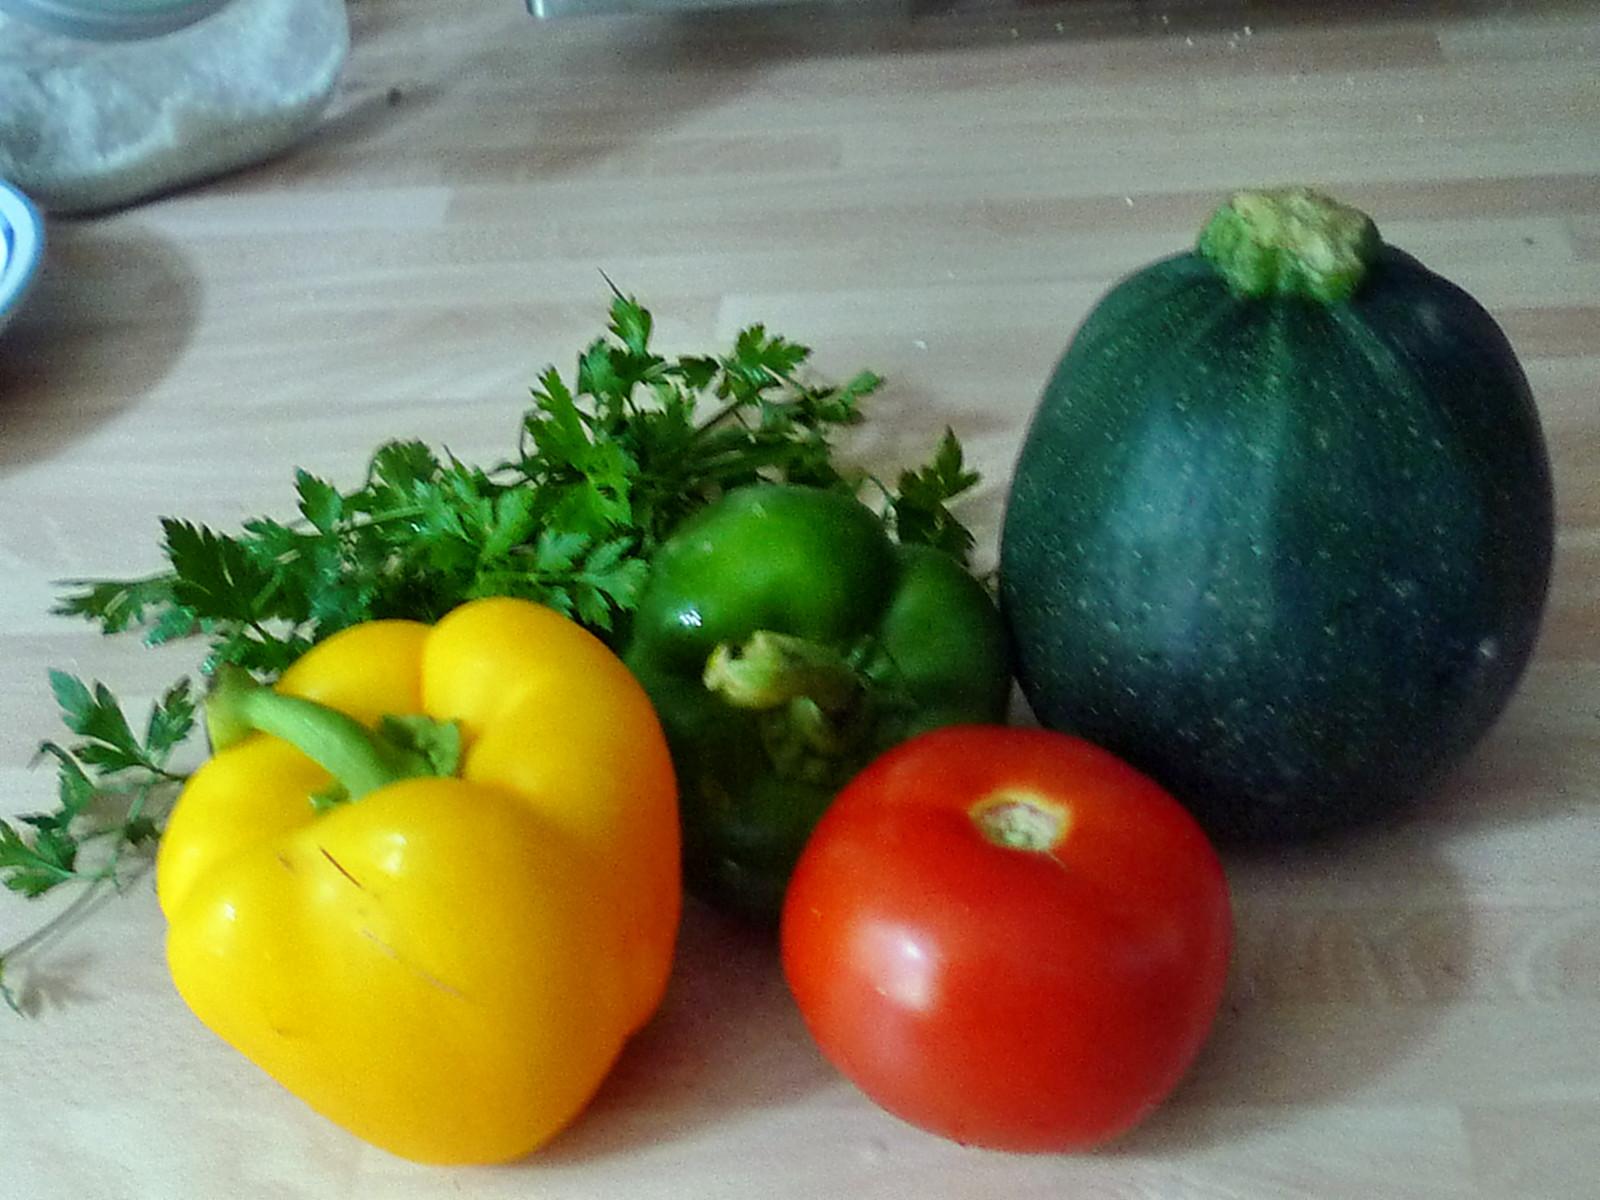 gefüllte Zucchini und Paprika-7.8.14   (4)